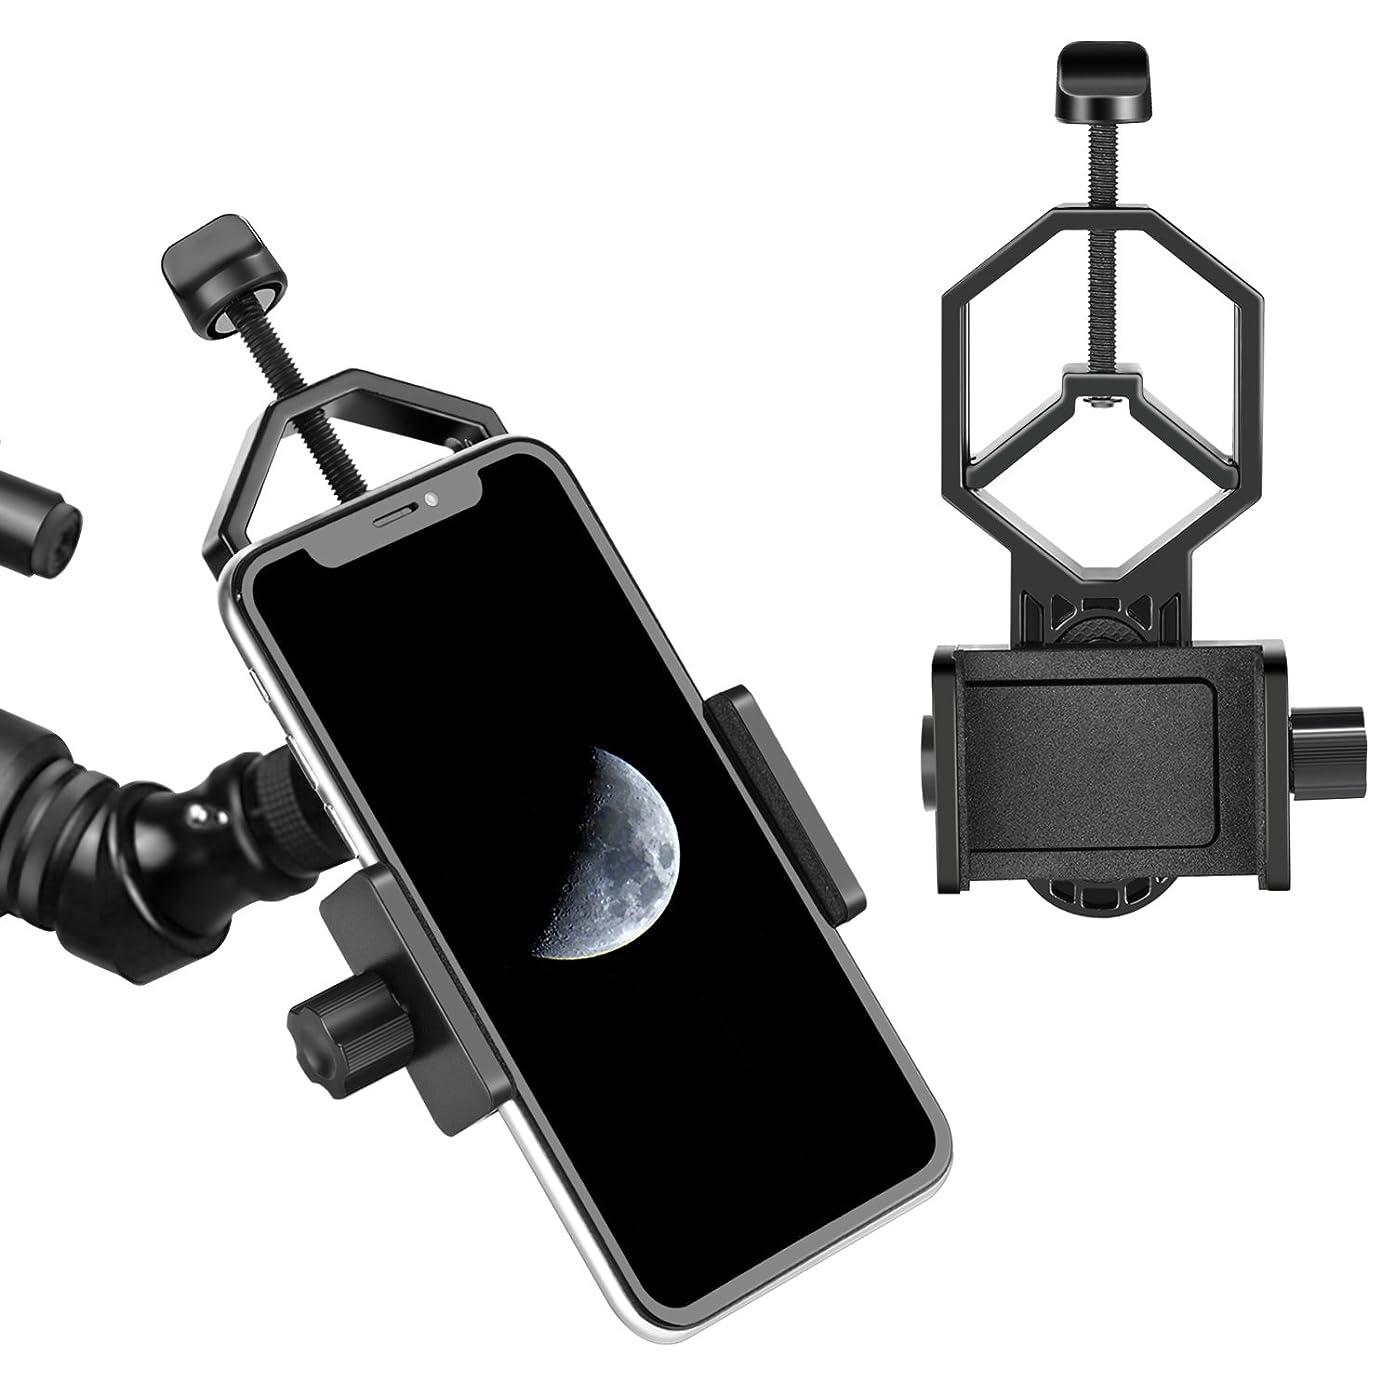 管理市長ウィスキーNeewer ユニバーサルスマートフォンアダプタマウント 双眼鏡/単眼鏡/スポットスコープ/望遠鏡/顕微鏡/ホルダーに使え iPhone、Sony、Samsung、Motoと他のスマホに対応